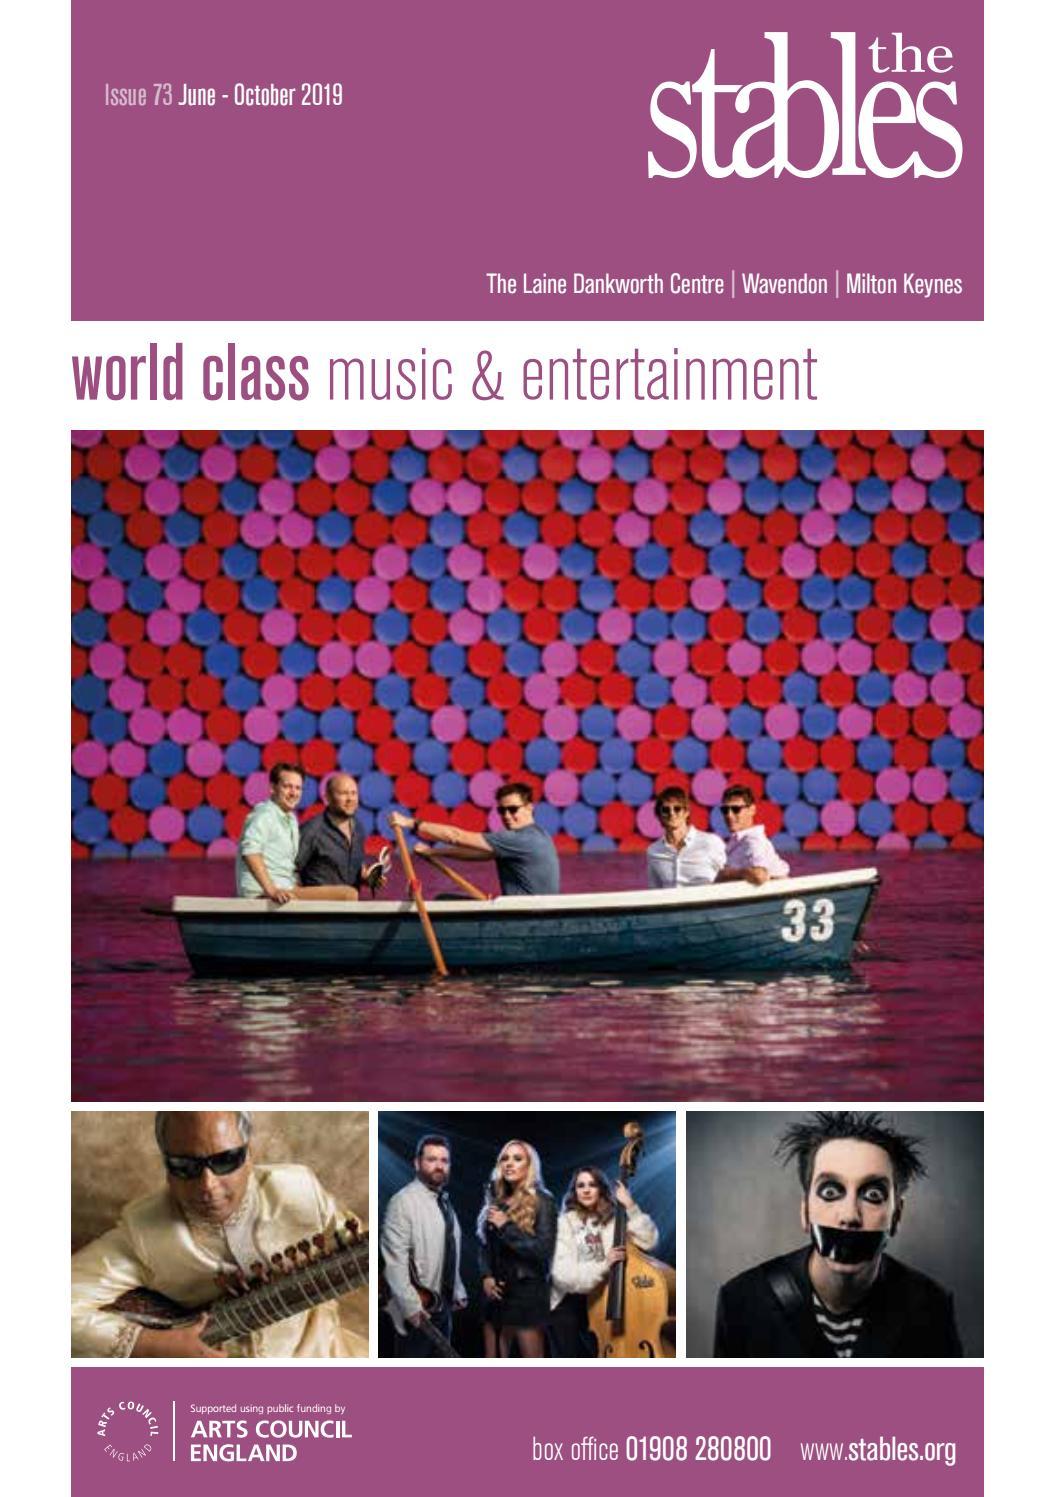 The Stables brochure June - October 2019 by Matthew Sanders